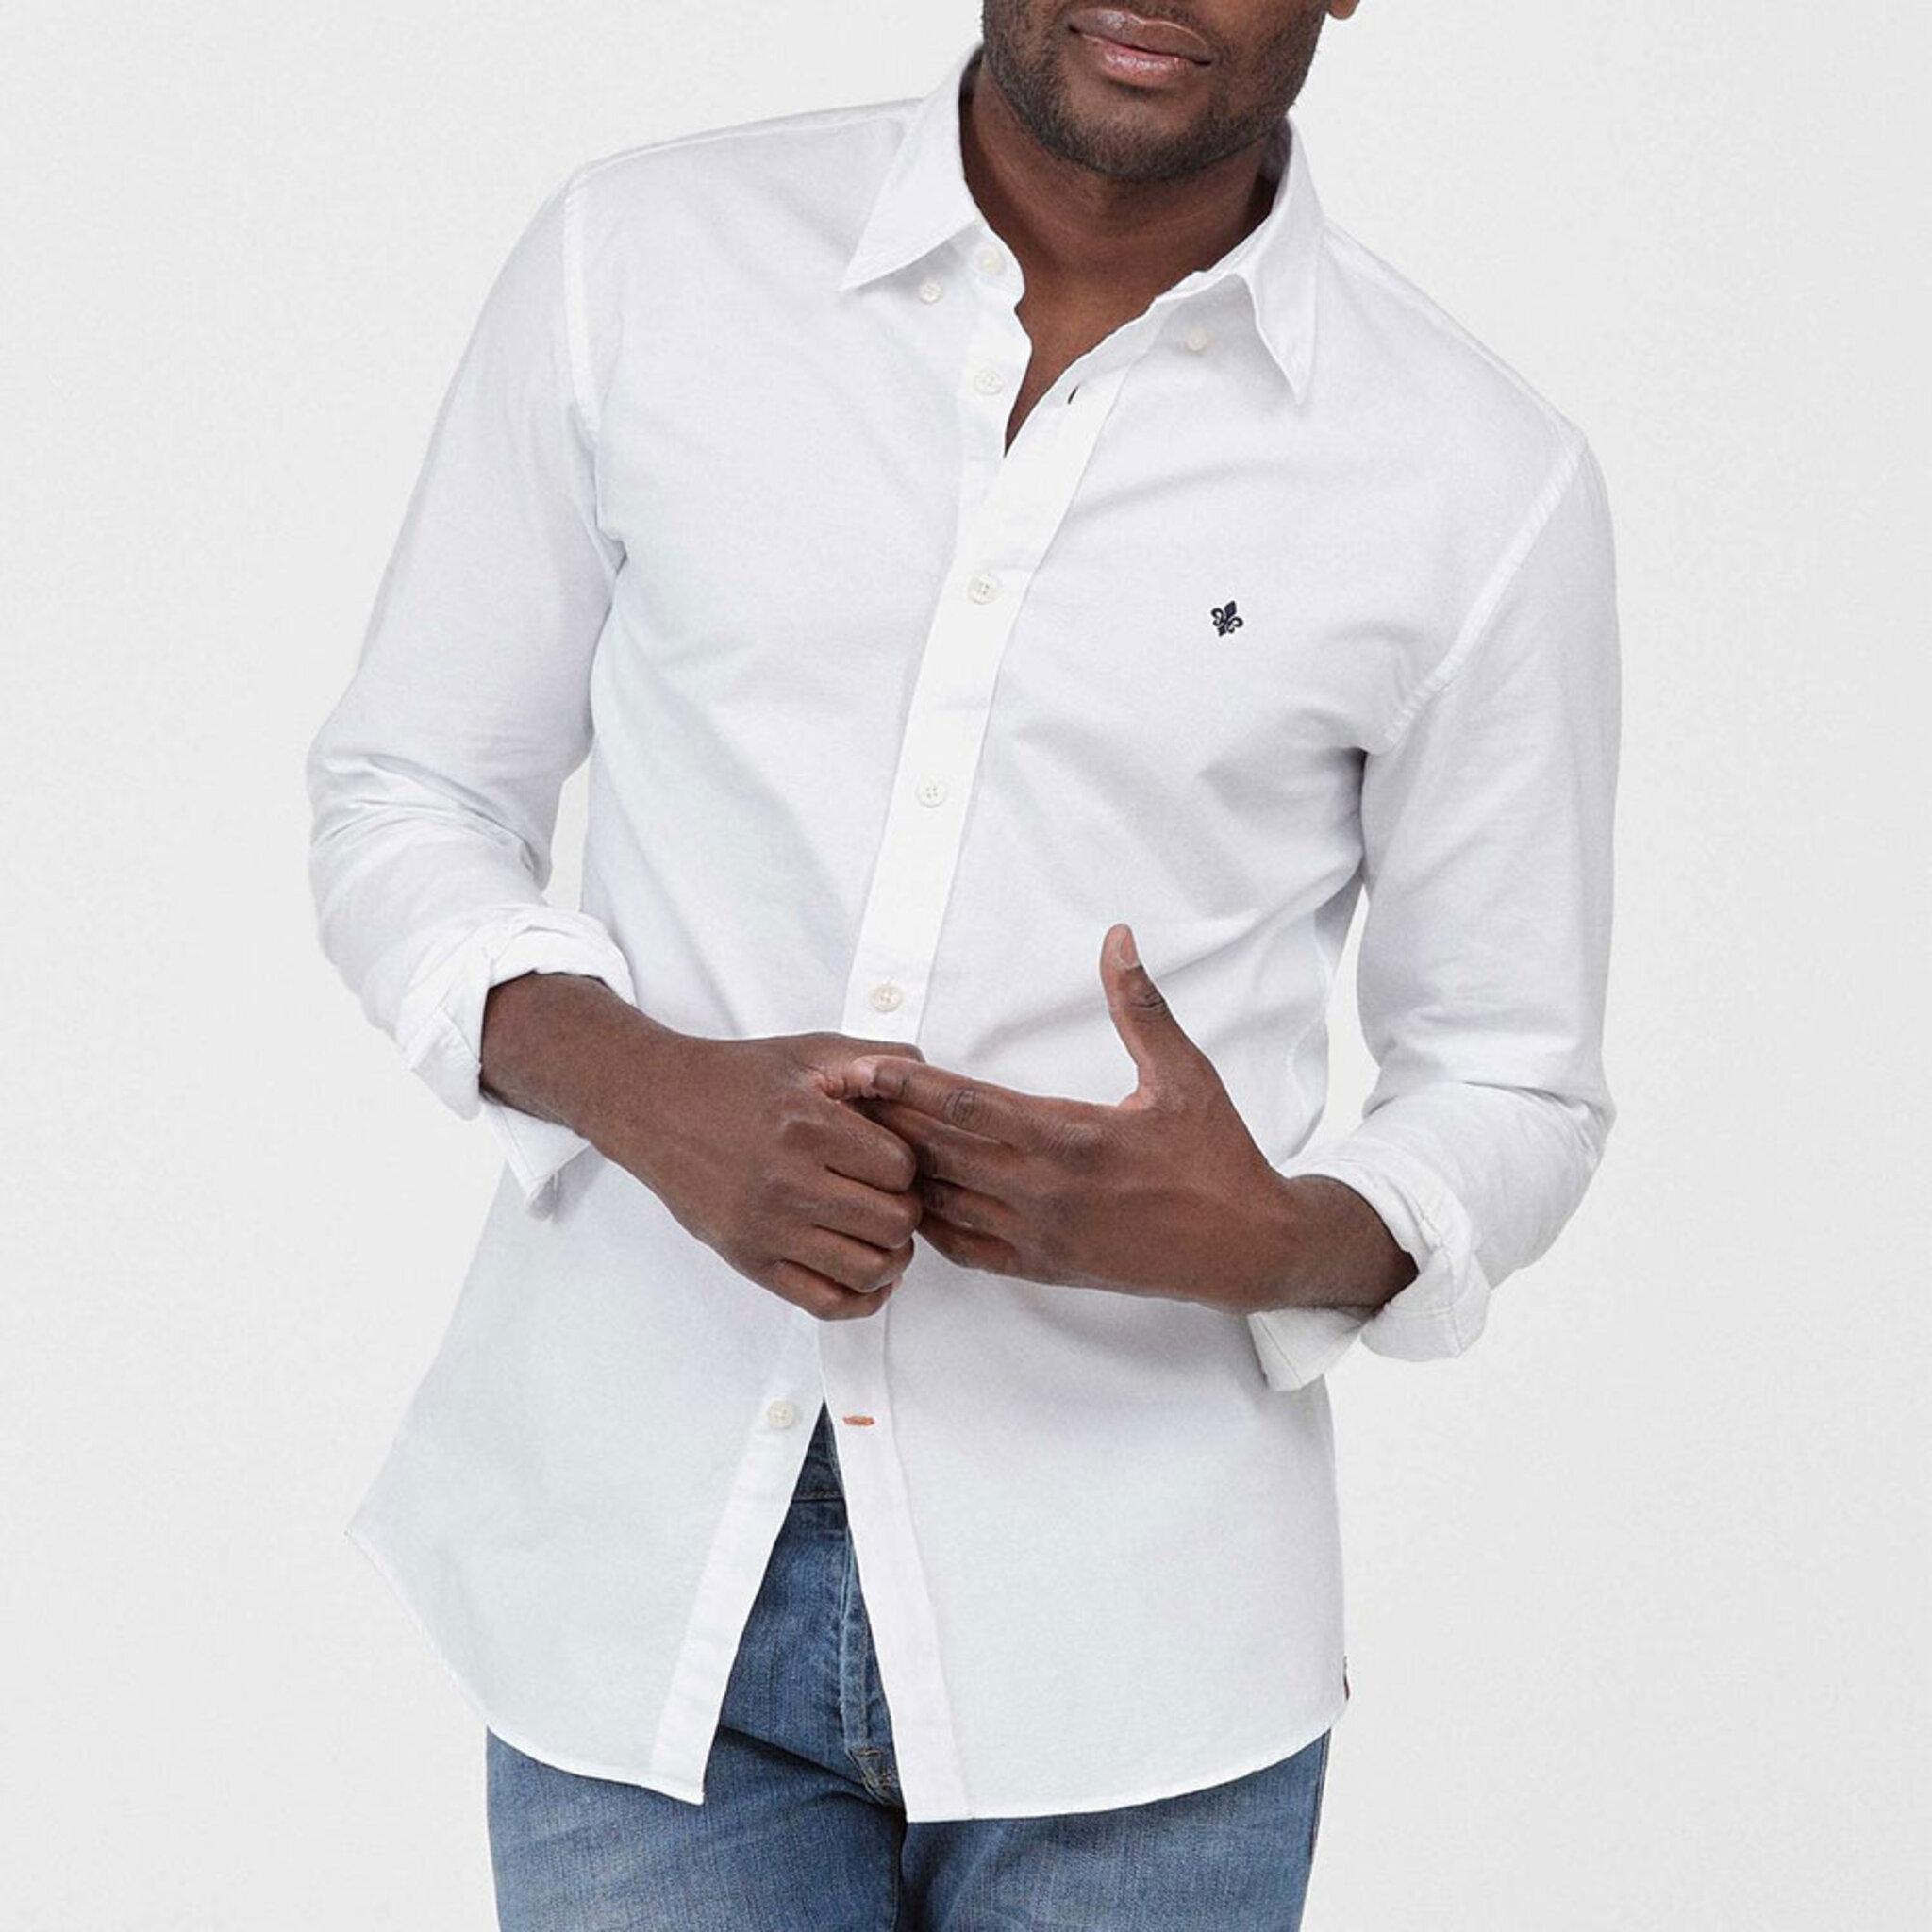 Oxford skjortabutton down